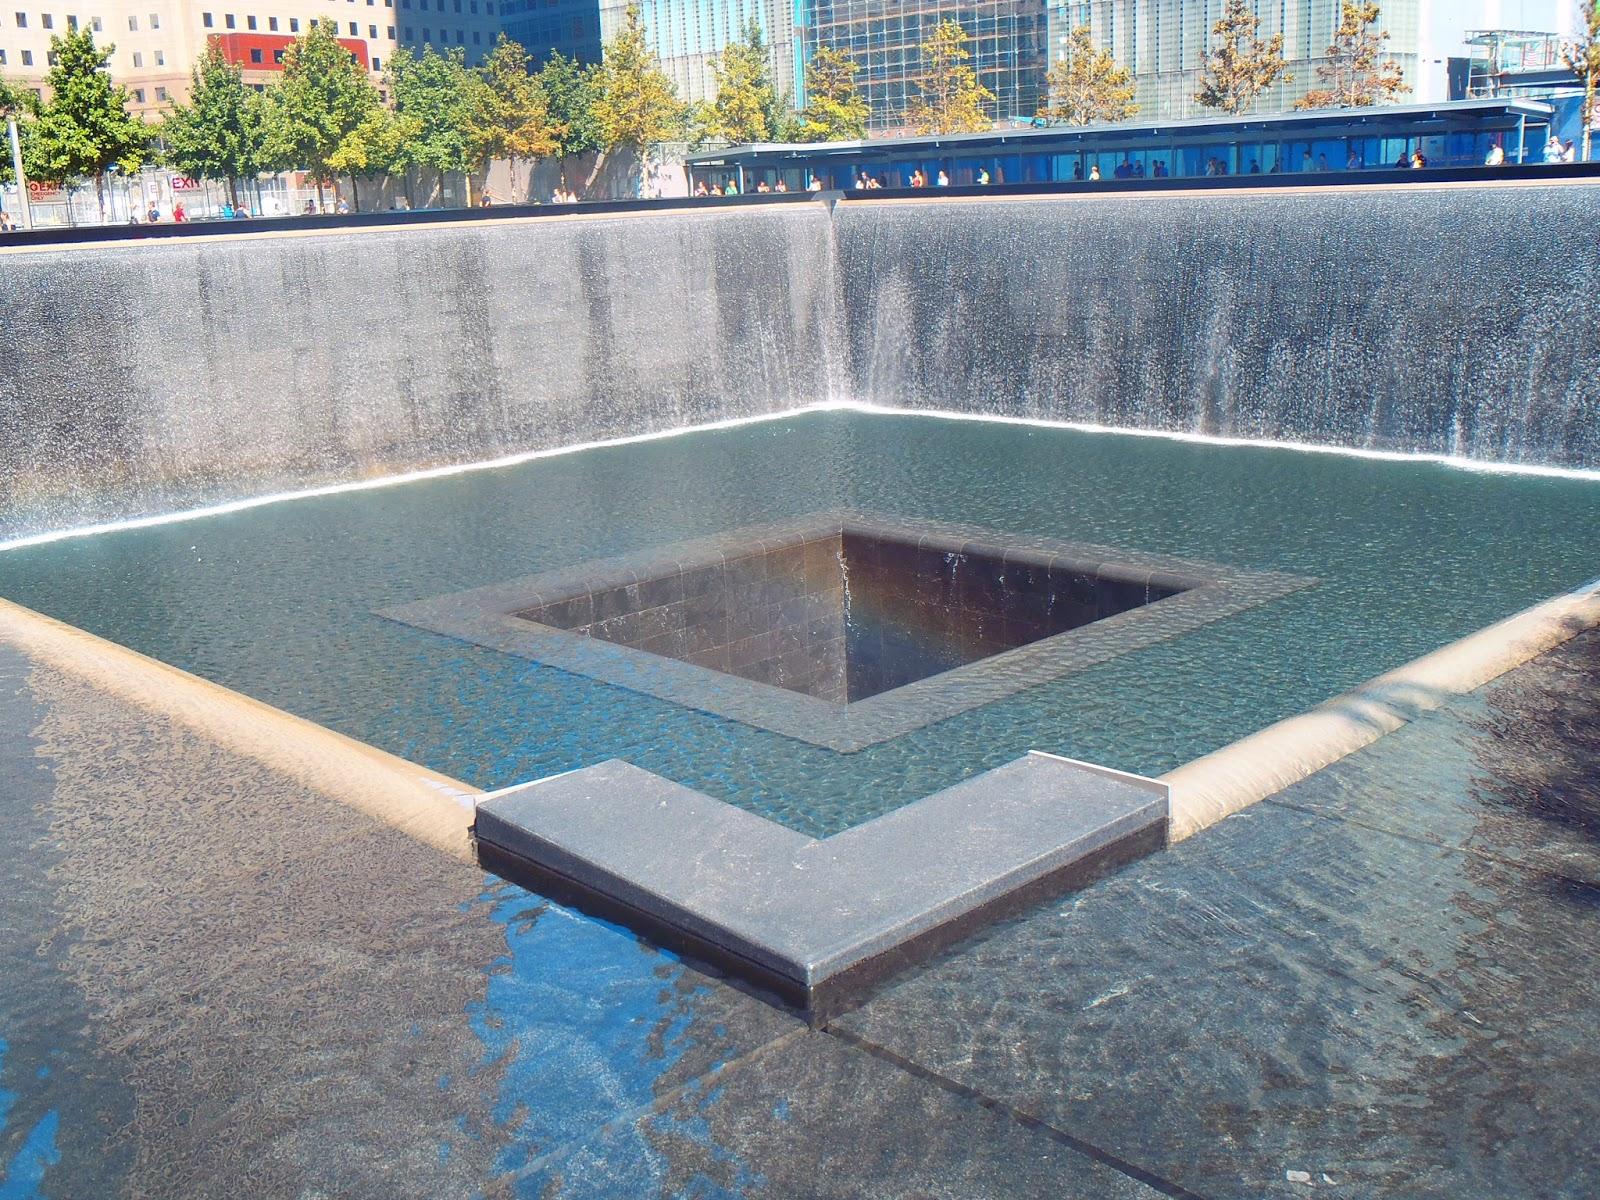 Reflective pools at 9/11 Memorial New York City